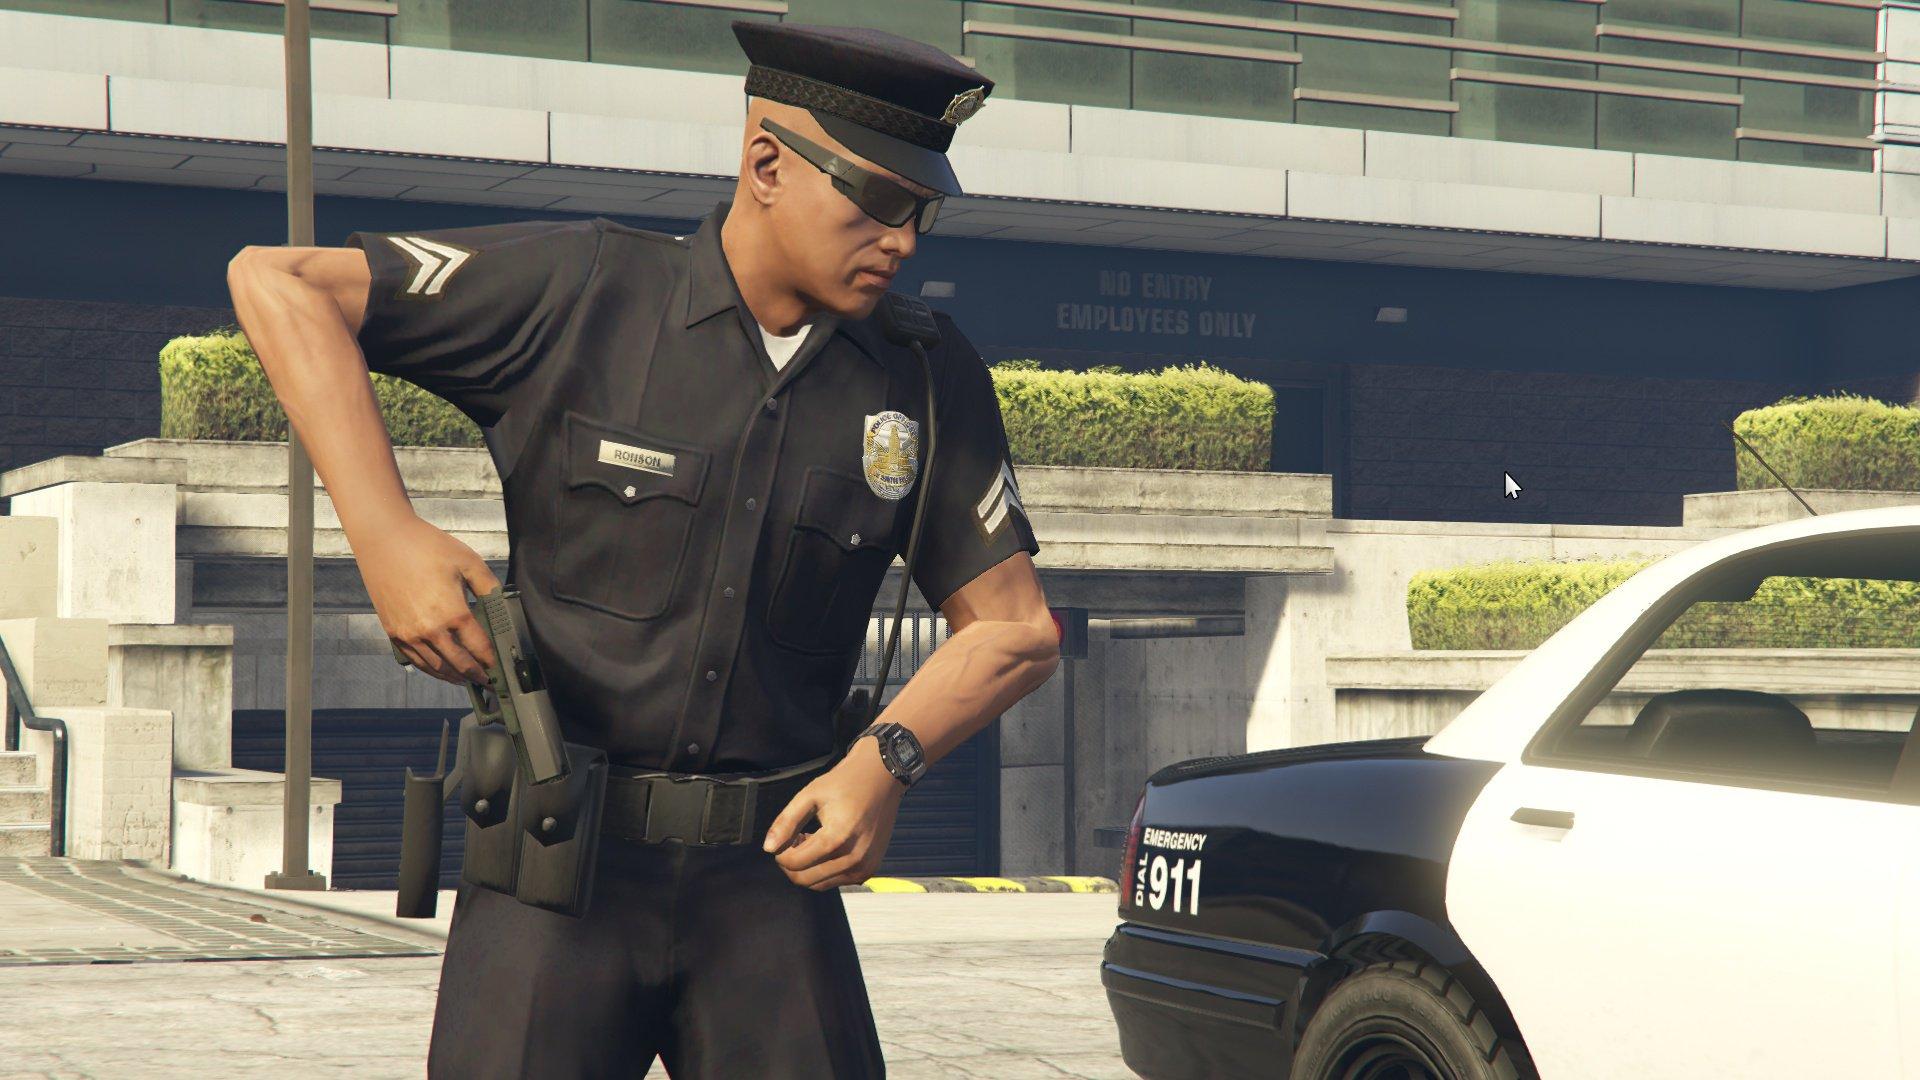 Grand Theft Auto V cops